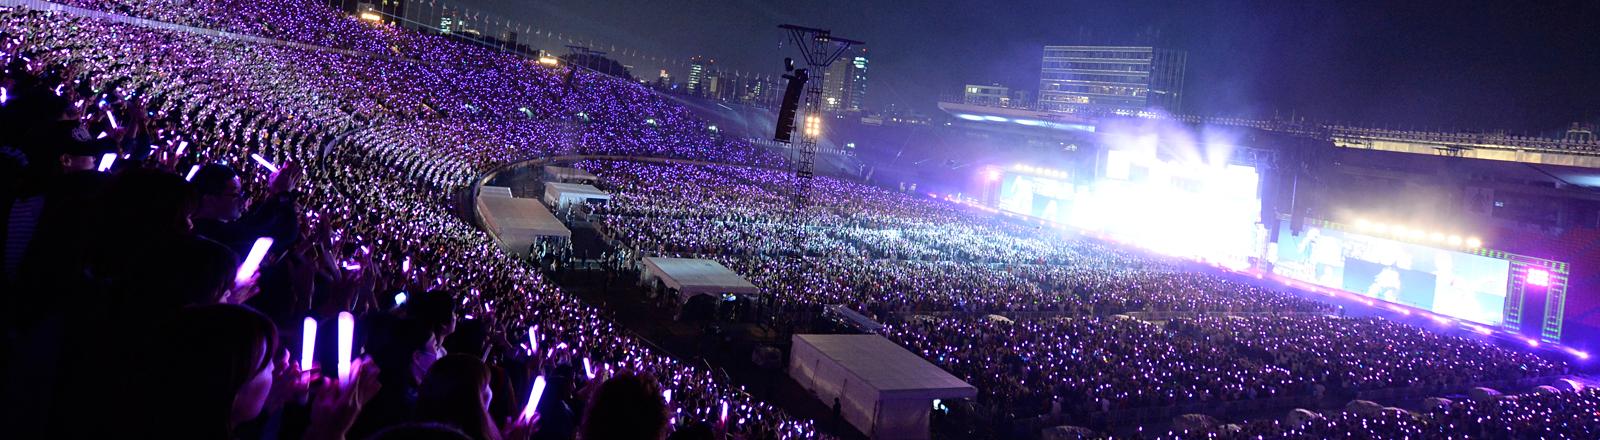 Blick in ein Stadion mit tausenden von Menschen. Viele halten Leuchtstäbe in den Händen. Auf der Bühne flackern Lichter und Leinwände.